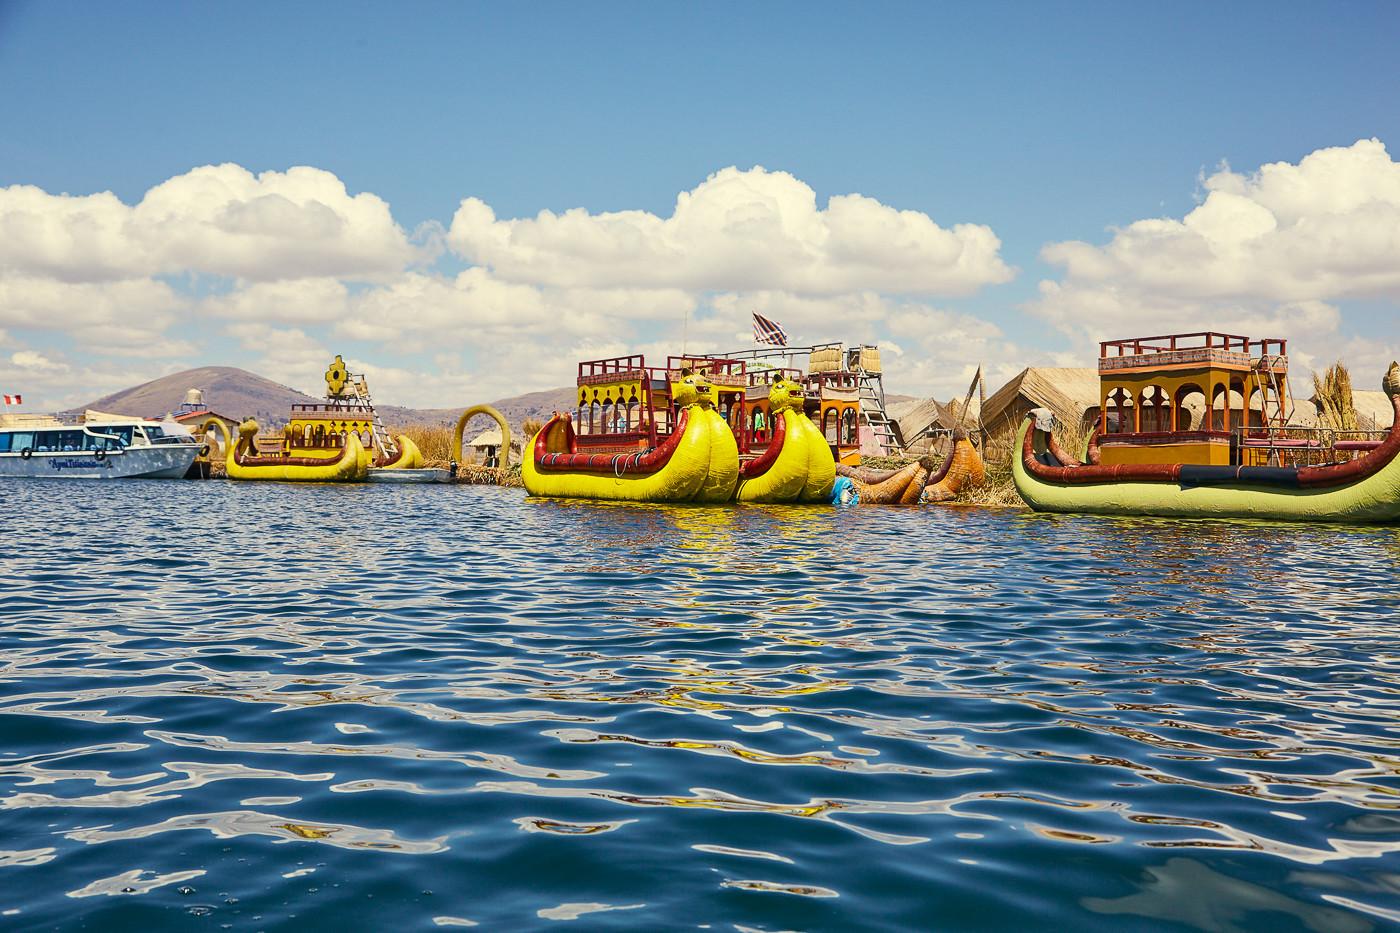 Viele Touristenboote an den Uros Inseln, trotzdem eine schöne und besondere Gegend